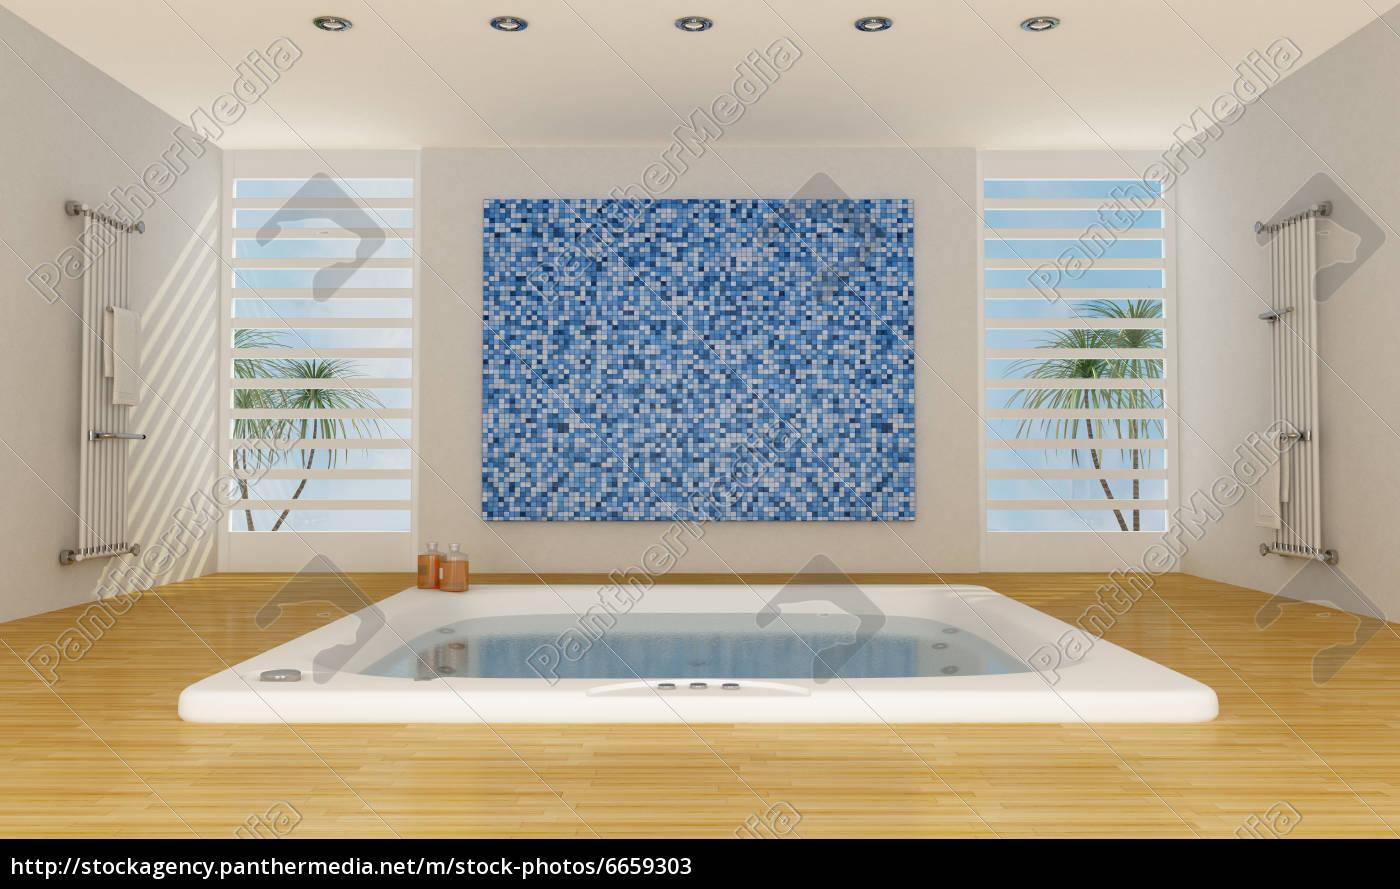 moderne luxus-badezimmer - Lizenzfreies Bild - #6659303 ...